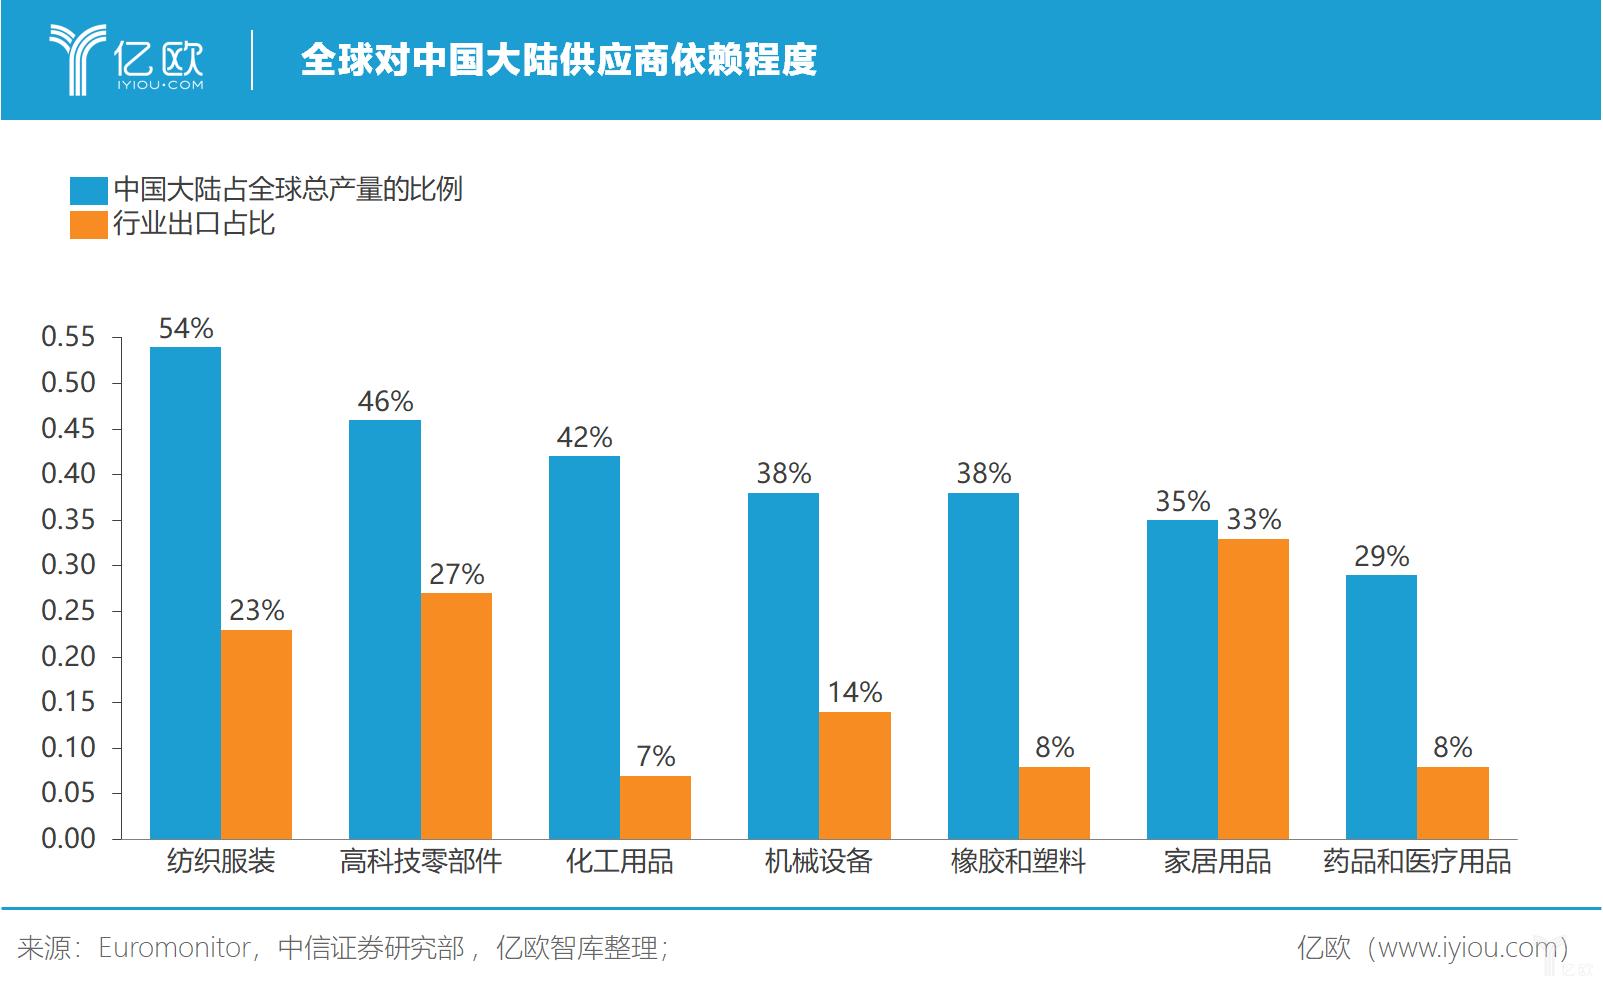 億歐智庫:全球对中国大陆供应商依赖程度